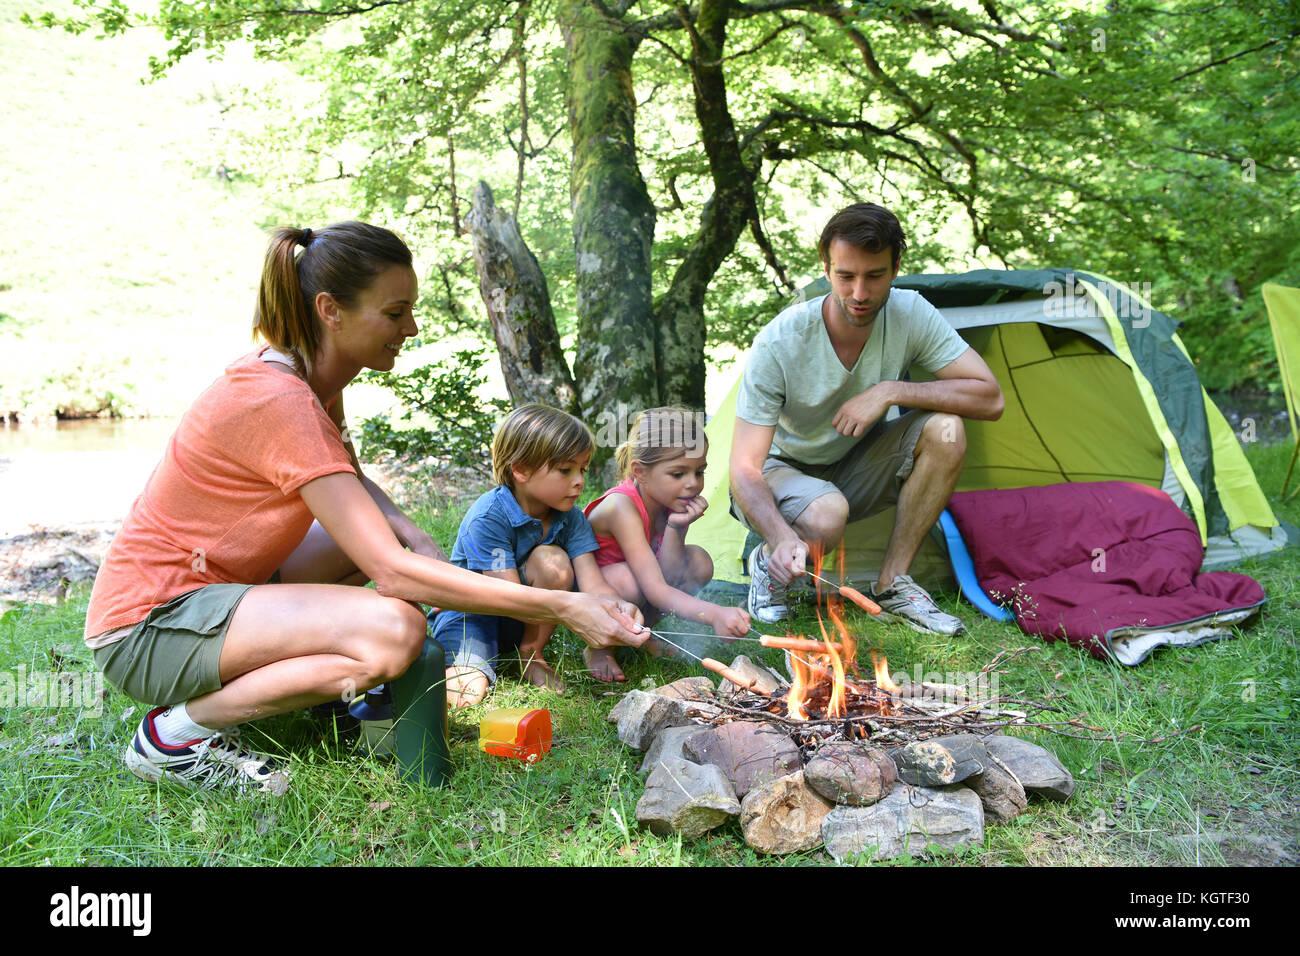 Famiglia campeggio e la cottura di salsicce in falò Immagini Stock